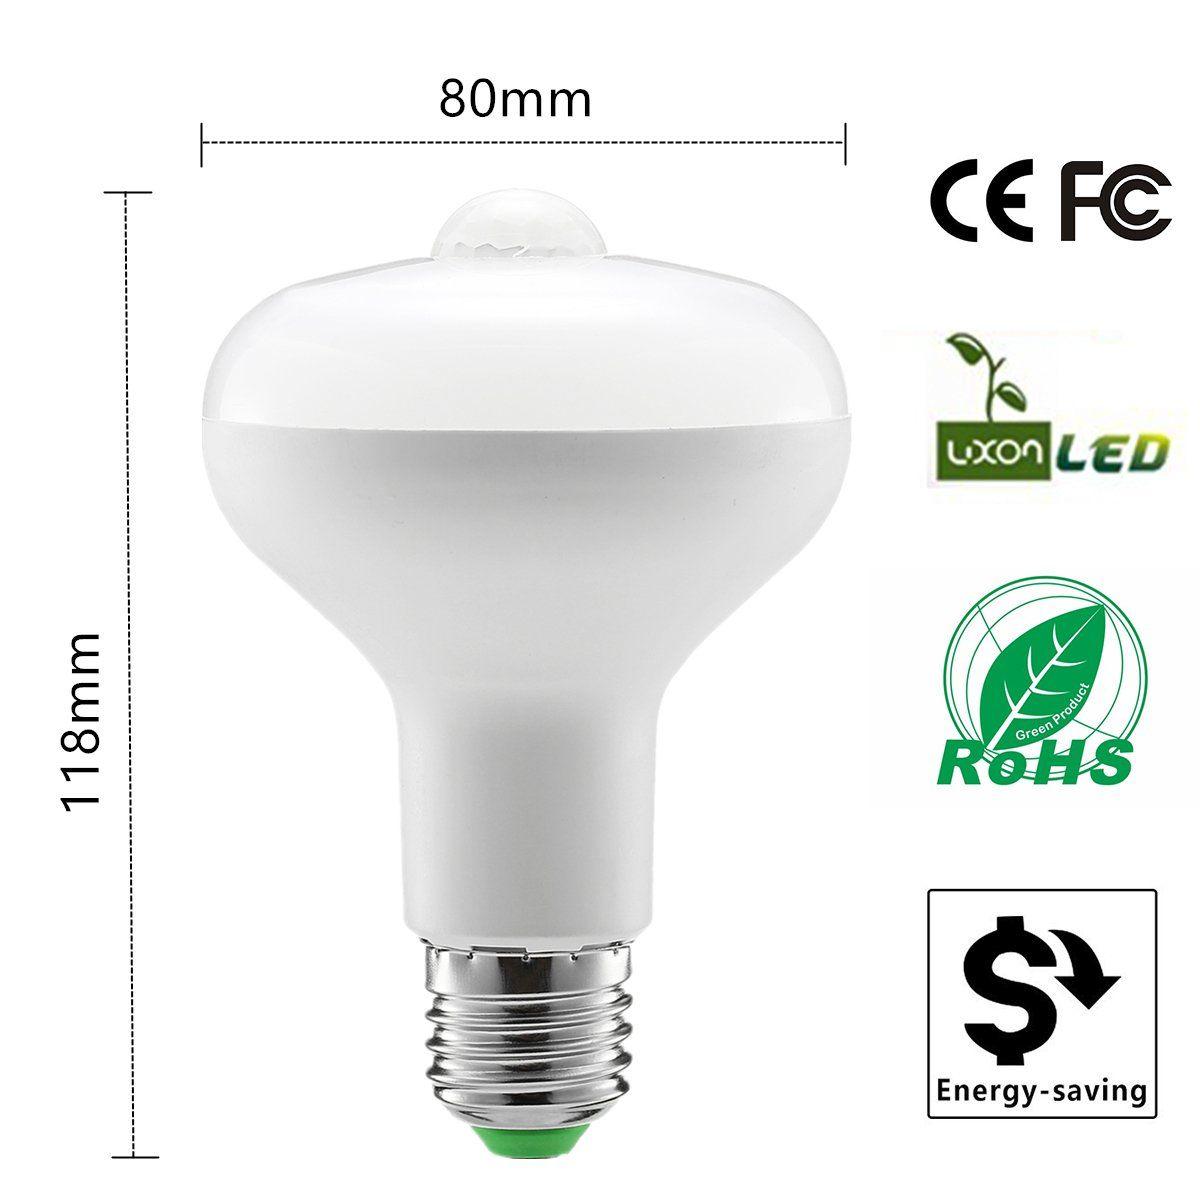 Kingso Motion Light Bulbe27 9w Pir Infrared Motion Sensor Detection Light Pir Bulb Lamp Auto Switch Sta Energy Saving Lighting Stairs Night Light Motion Lights